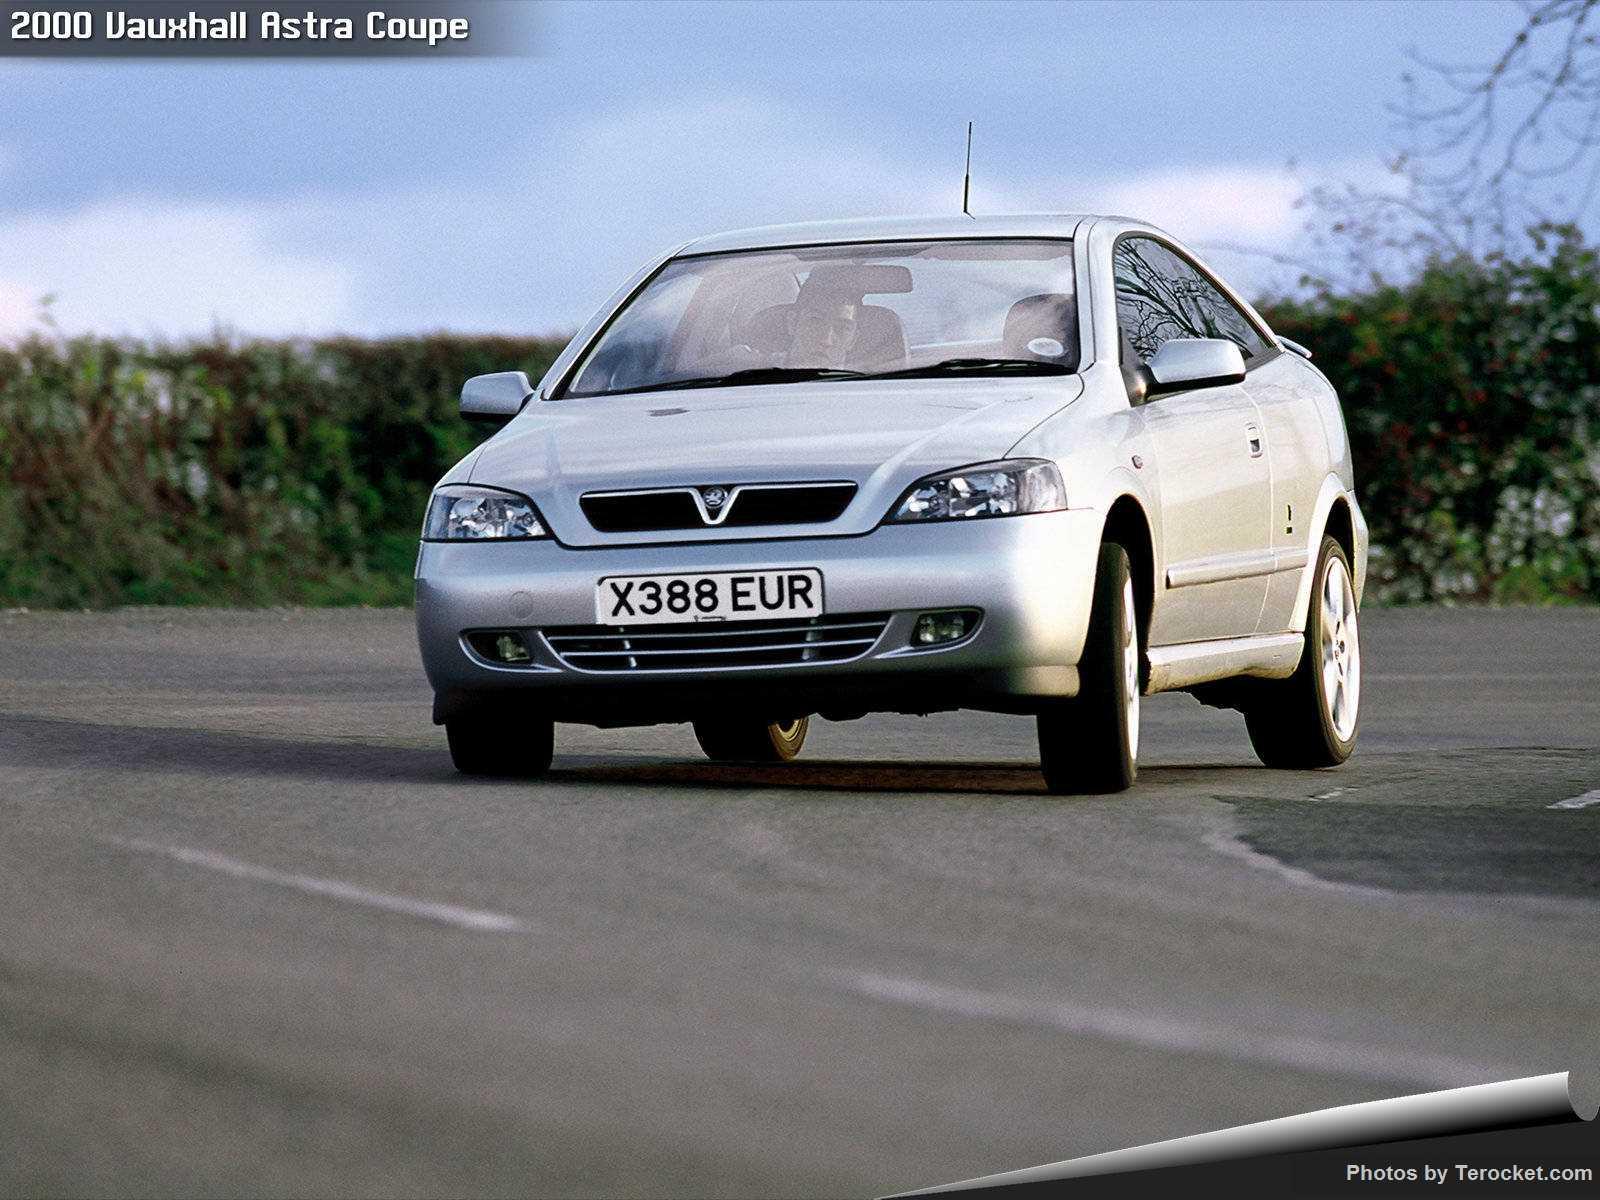 Hình ảnh xe ô tô Vauxhall Astra Coupe 2000 & nội ngoại thất